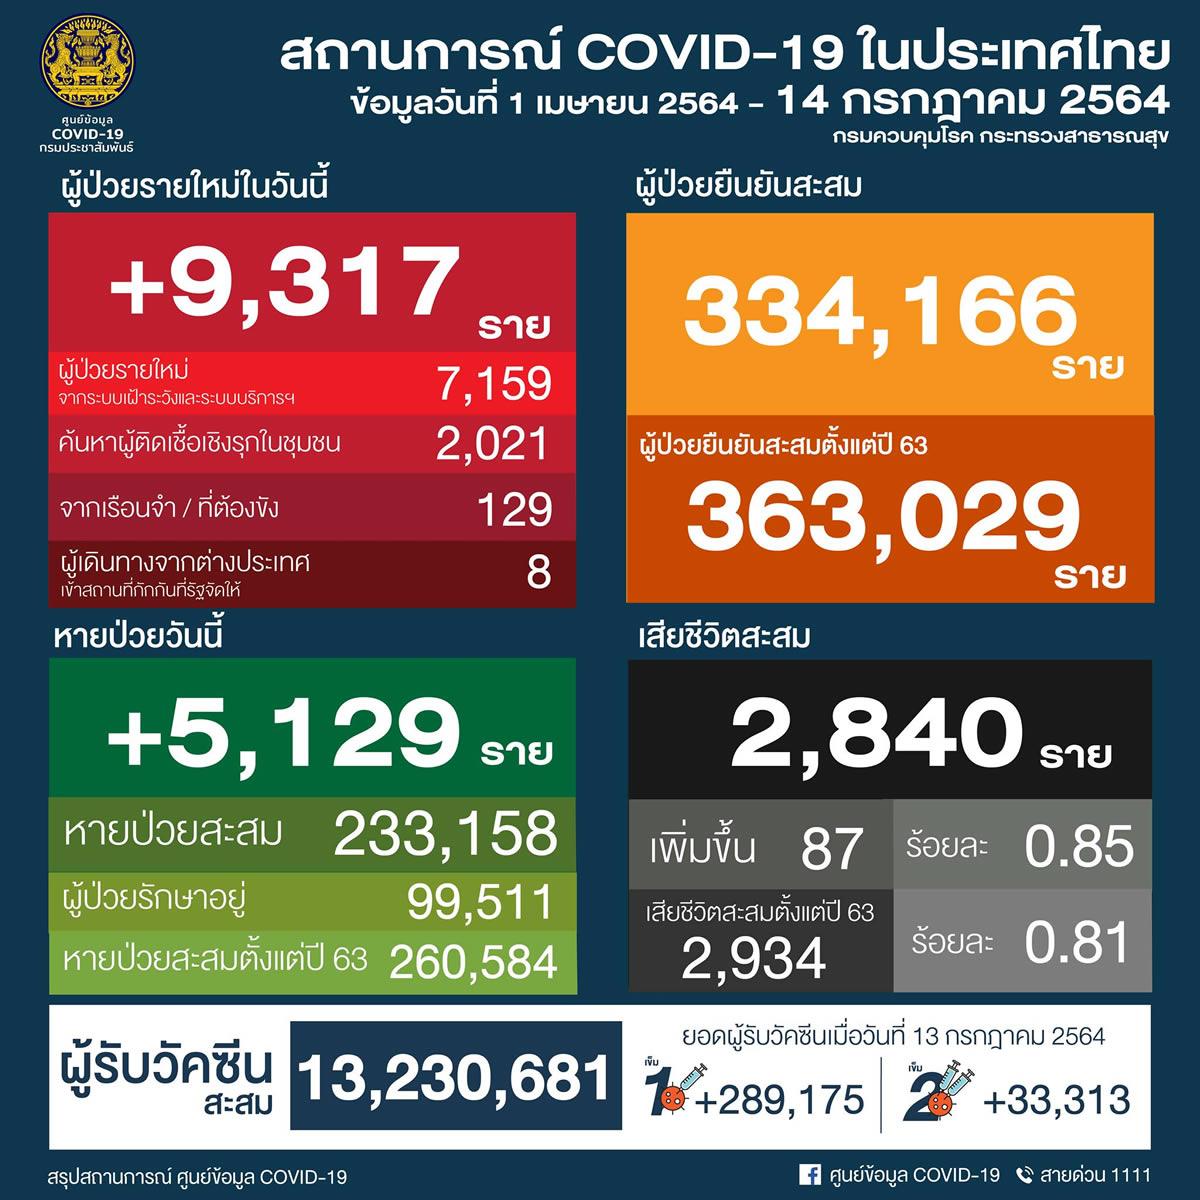 タイ 陽性9,317人/バンコク2,332人/サムットプラカーン1,006人[2021年7月14日発表]